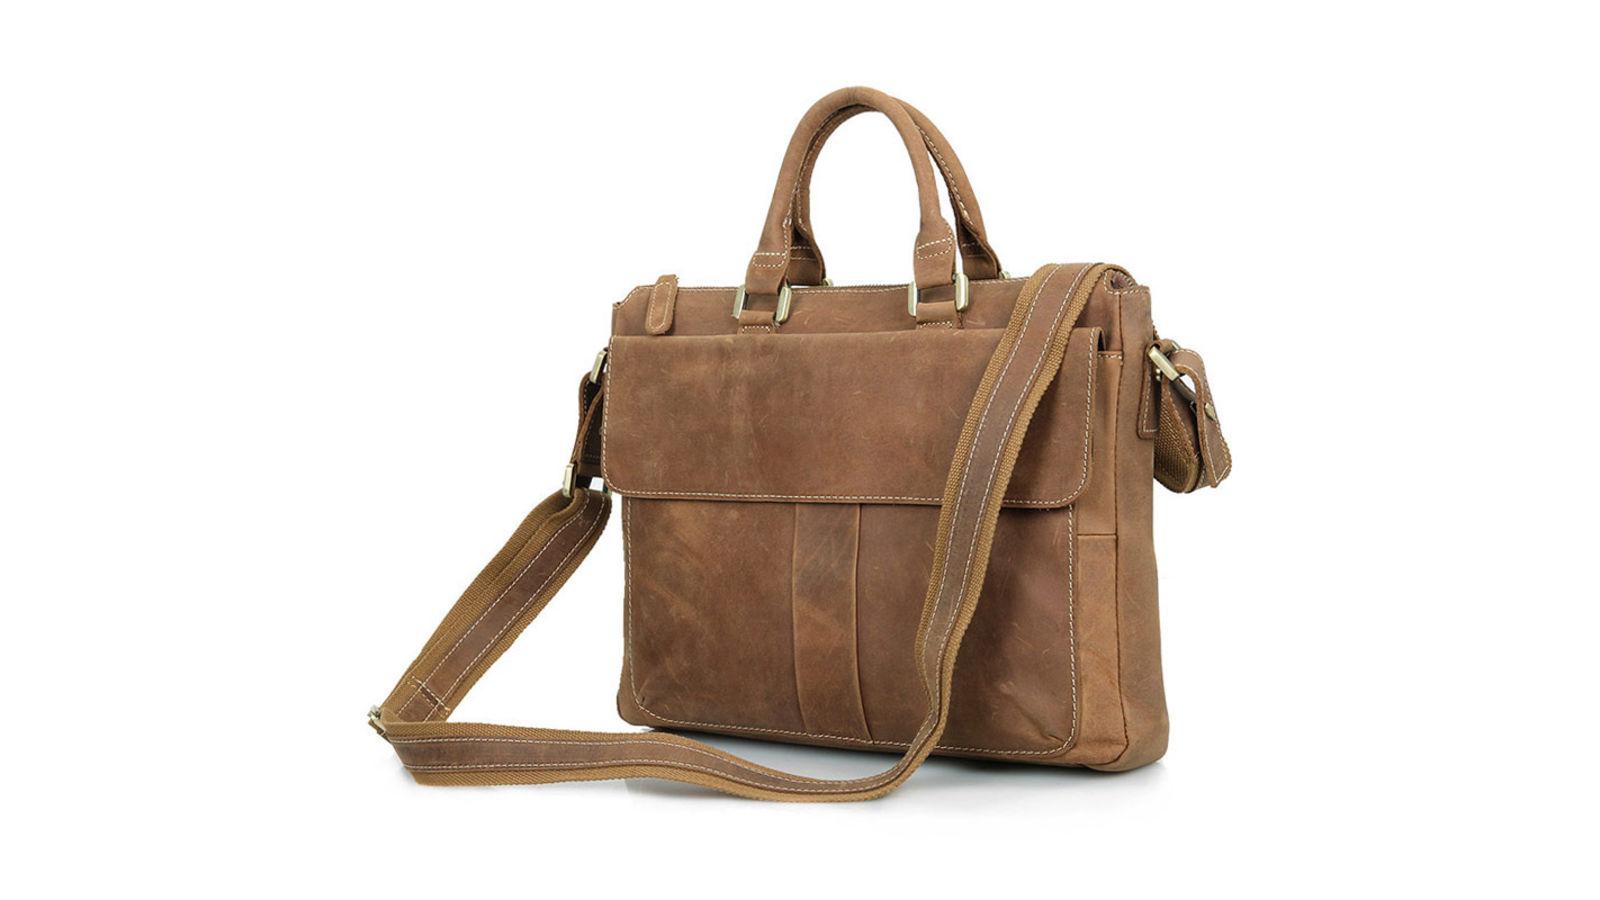 68e6fb701c6 Eenvoudige Bruine Lederen Tas | Gratis verzending | Delton Bags